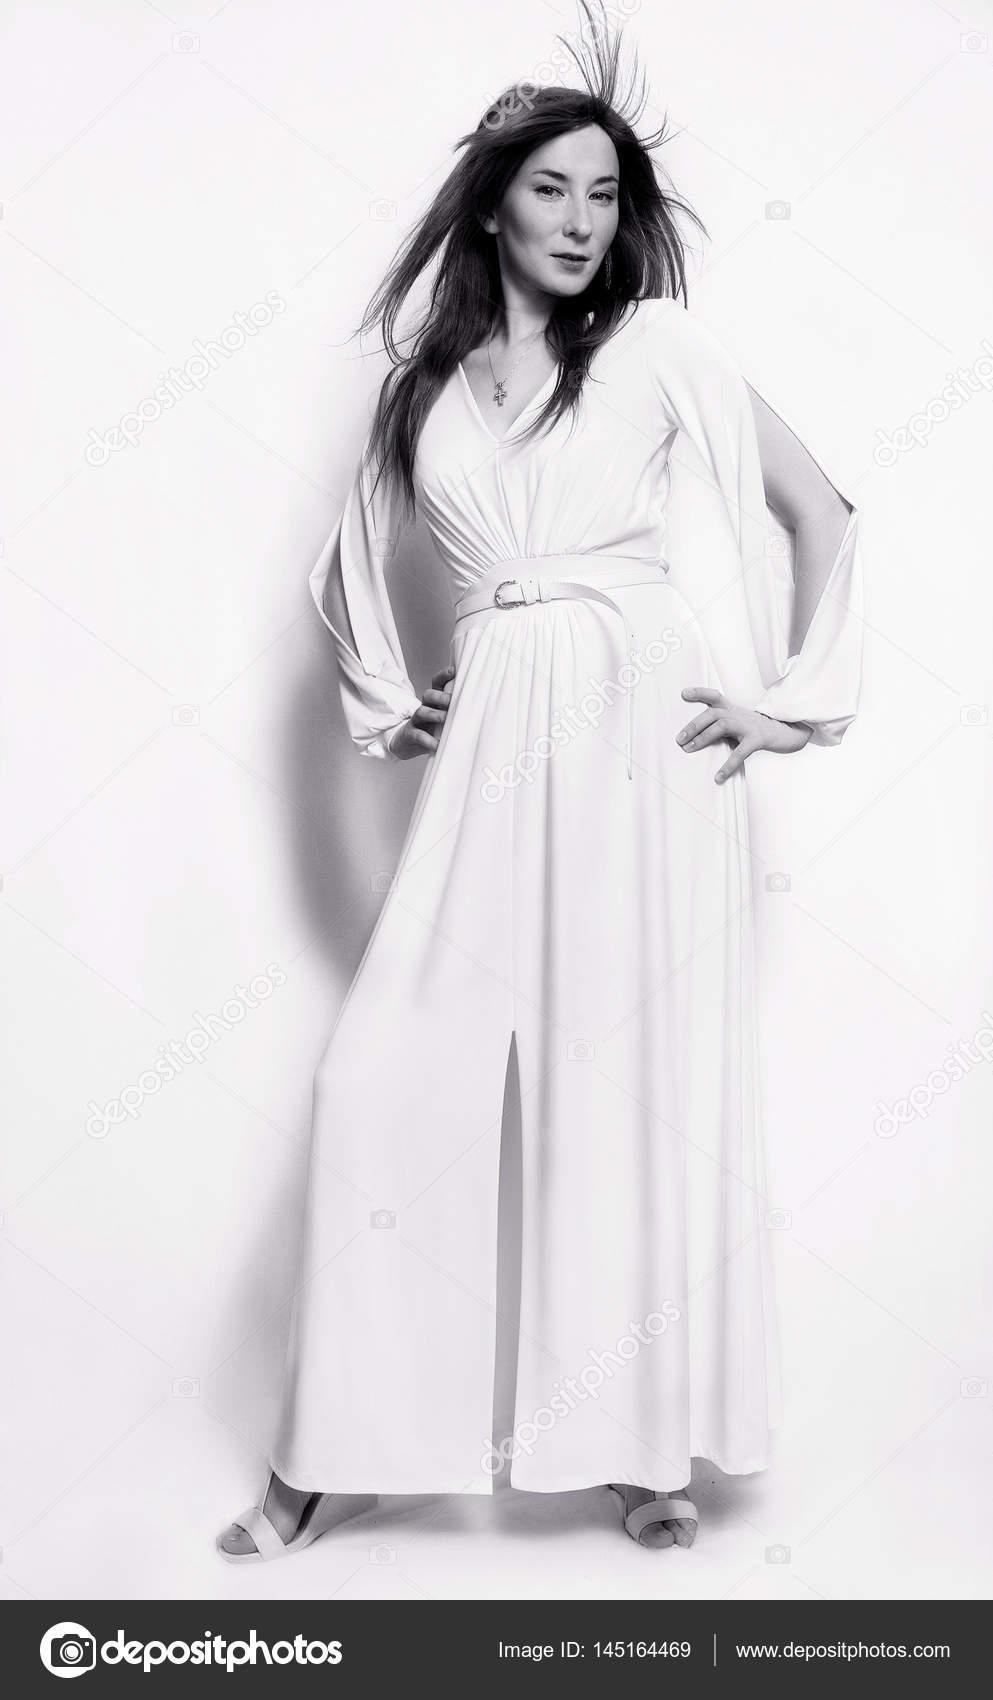 official photos 7f56b 08624 Foto in bianco e nero. moda bella ragazza in abito lungo ...